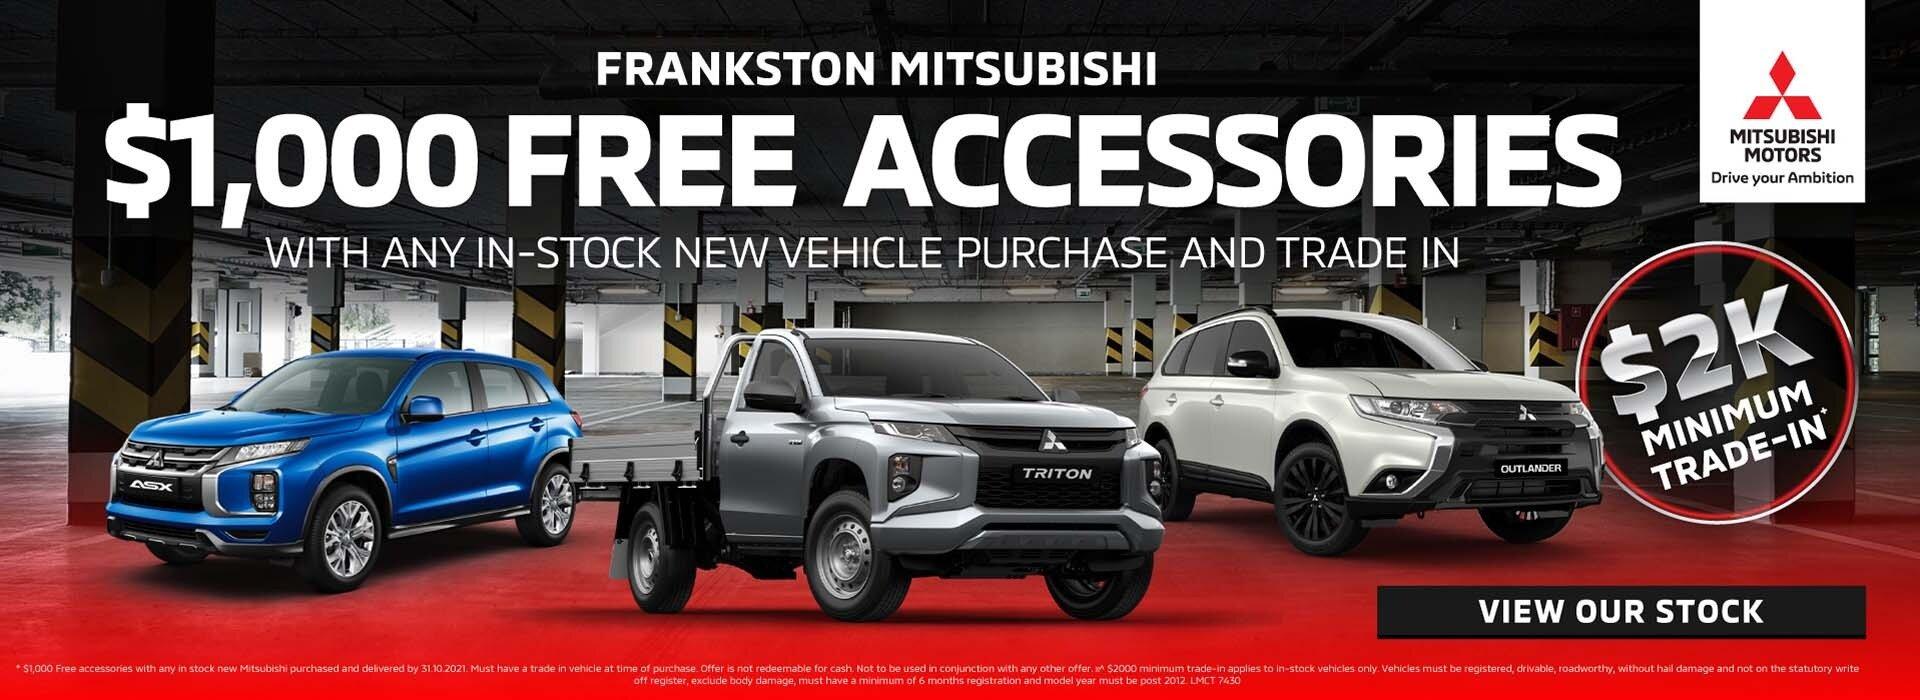 Frankston Mitsubishi - Accessories Offer